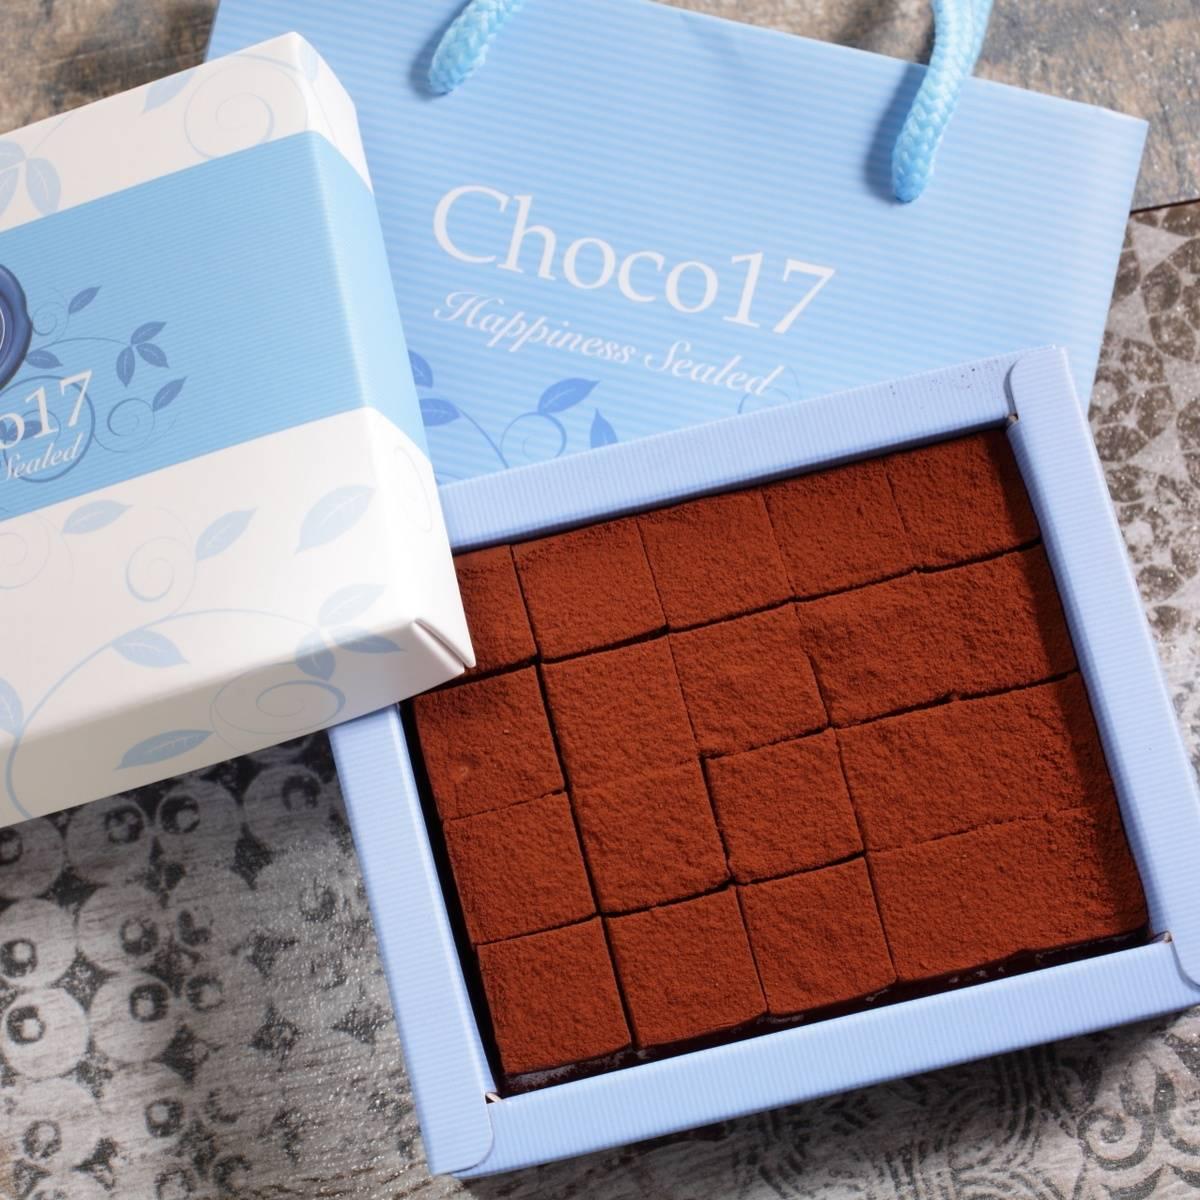 人氣經典生巧克力 口味任選3盒 $1000❤1分鐘狂賣4盒❤【Choco17 香謝17巧克力】巧克力專賣   | APP下單滿$1000現折$100 7